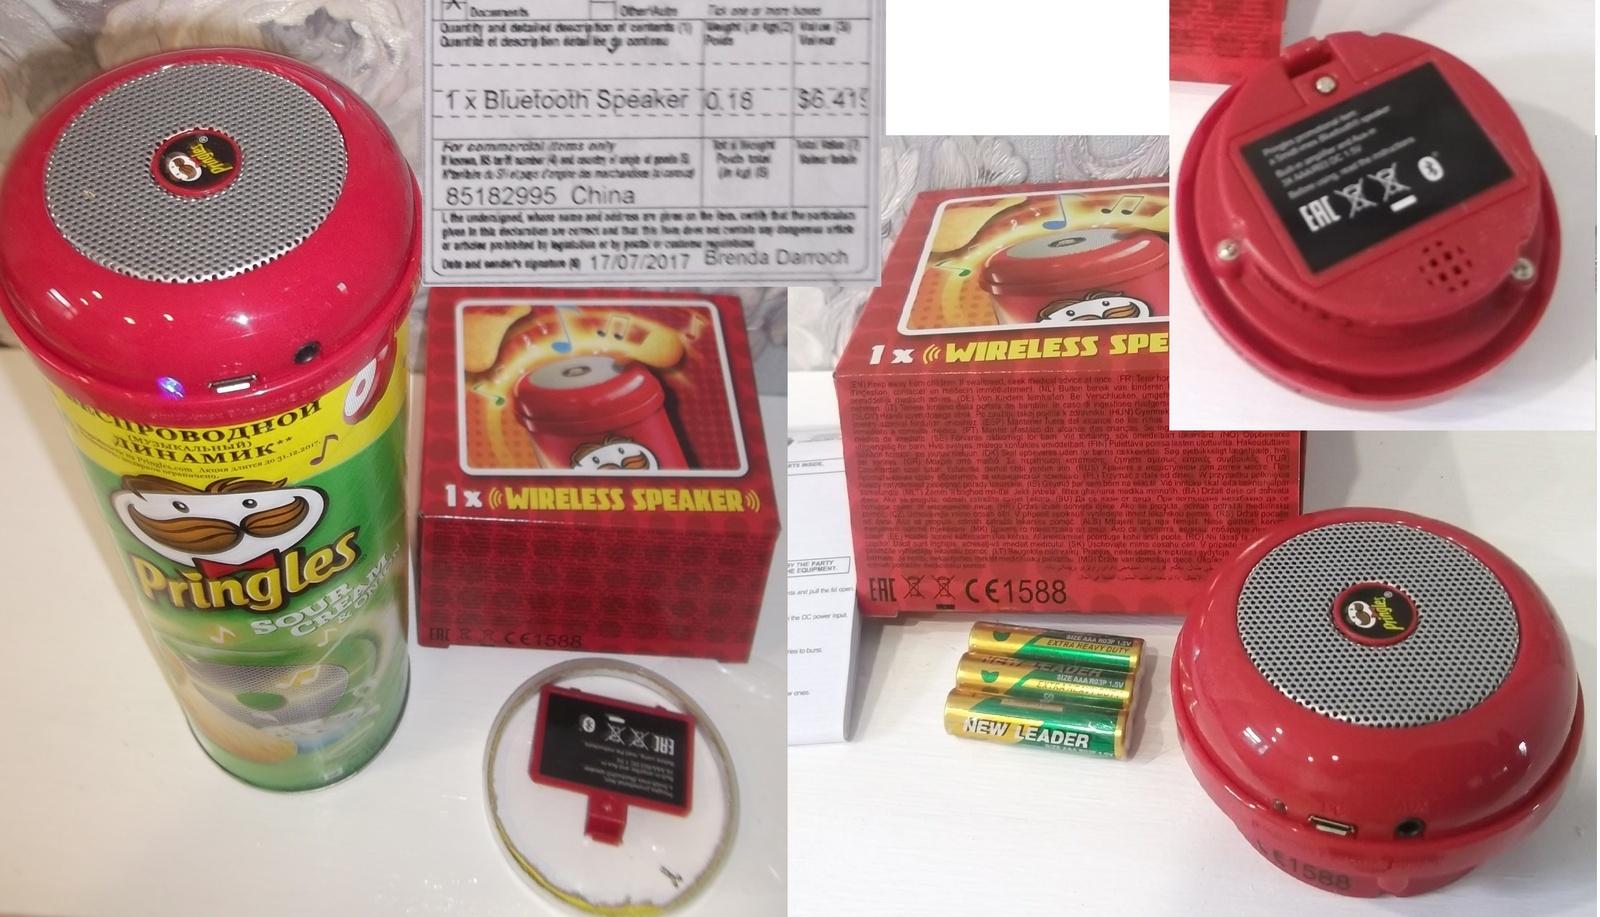 Беспроводной динамик от Pringles Отзывы покупателей 28